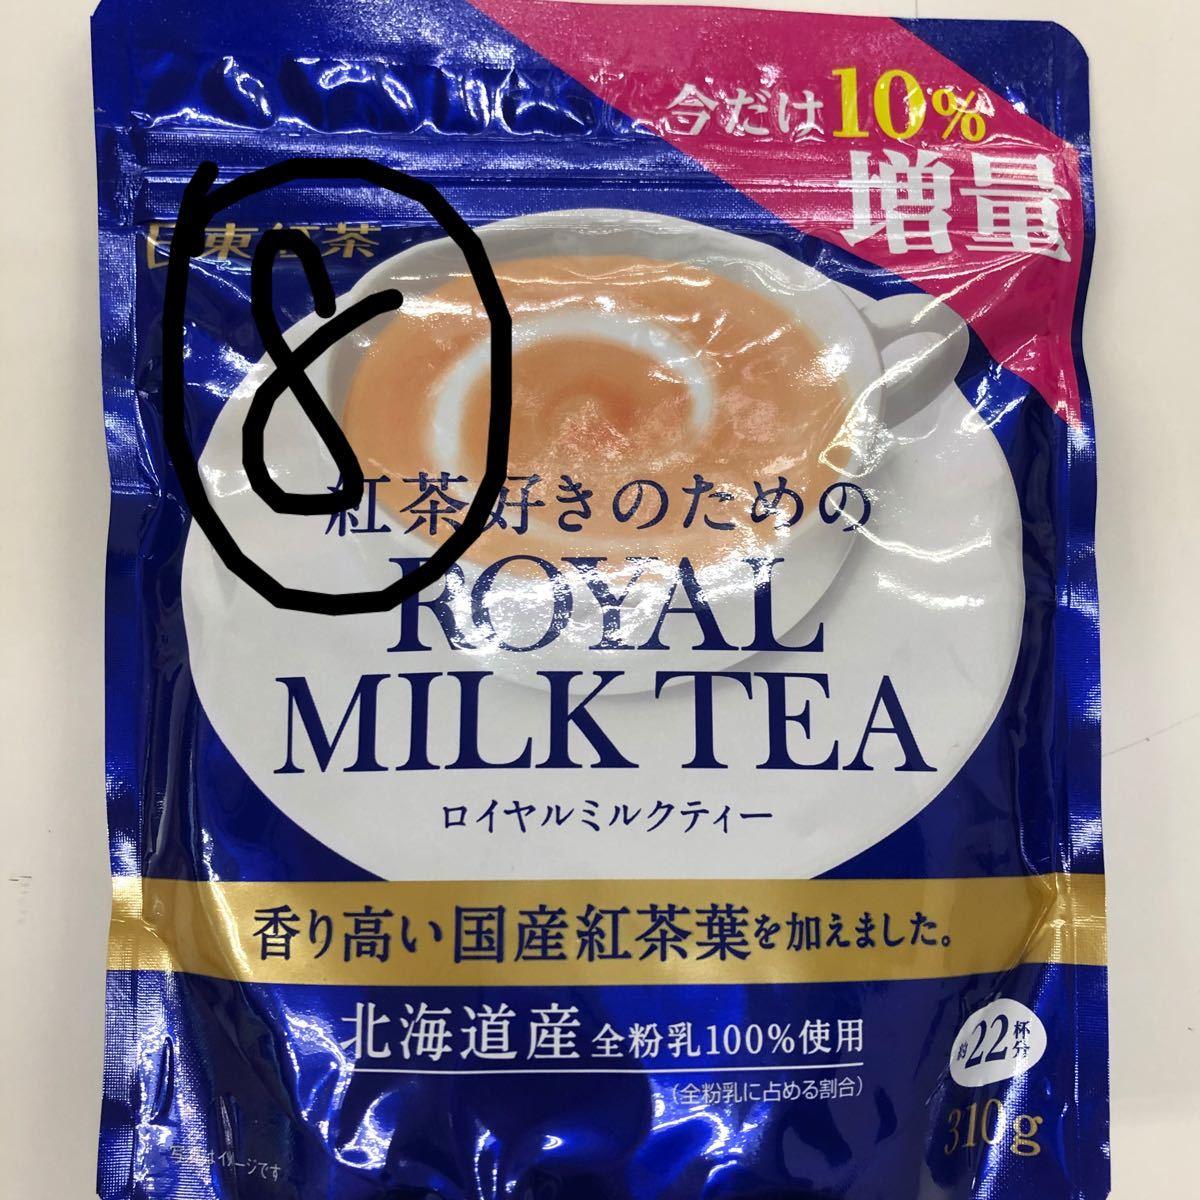 日東紅茶 ロイヤルミルクティー   310g    8個